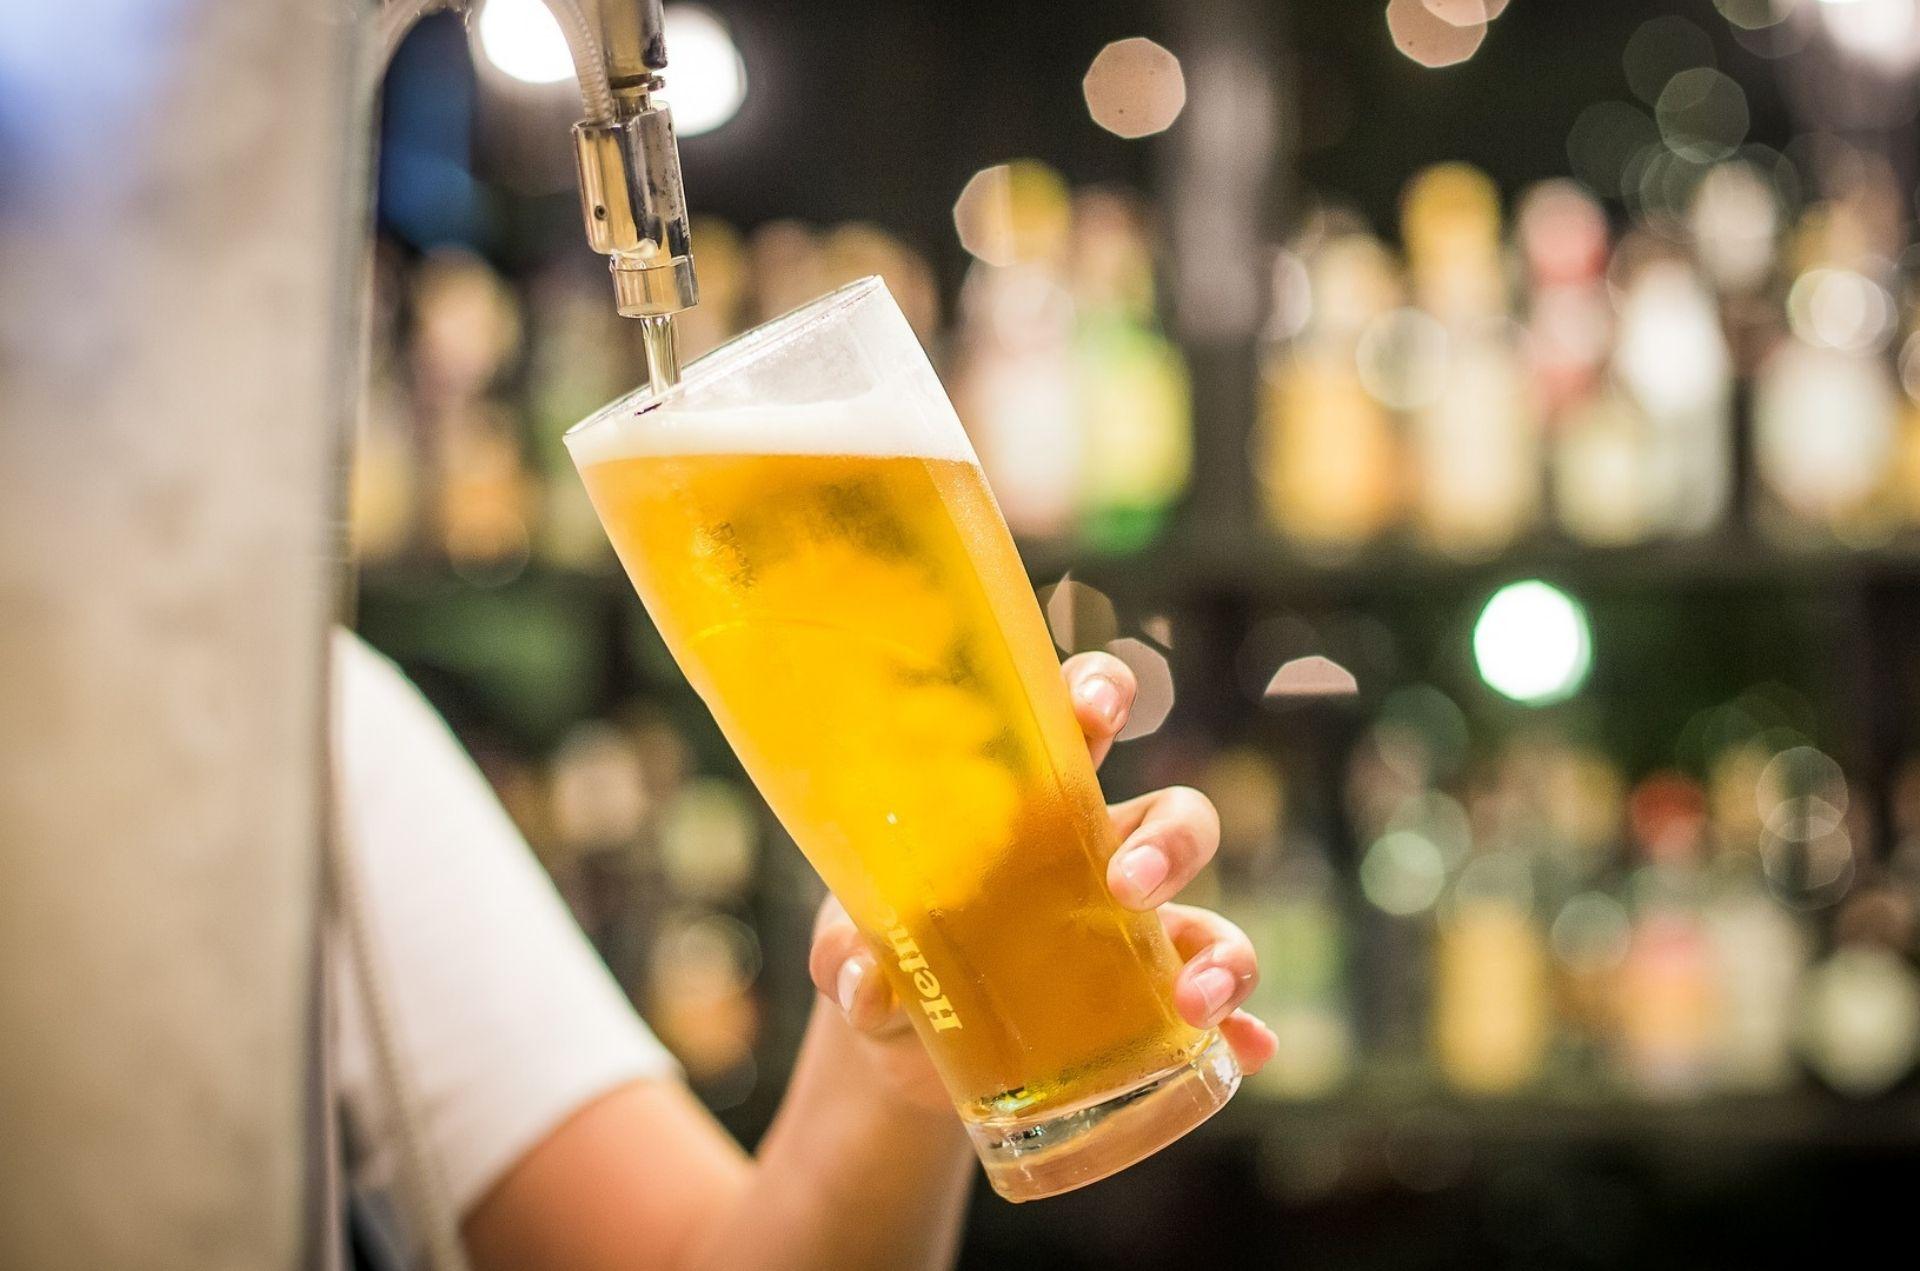 Los síntomas de adicción a la cerveza pueden ser el principio de un trastorno adictivo muy grave.